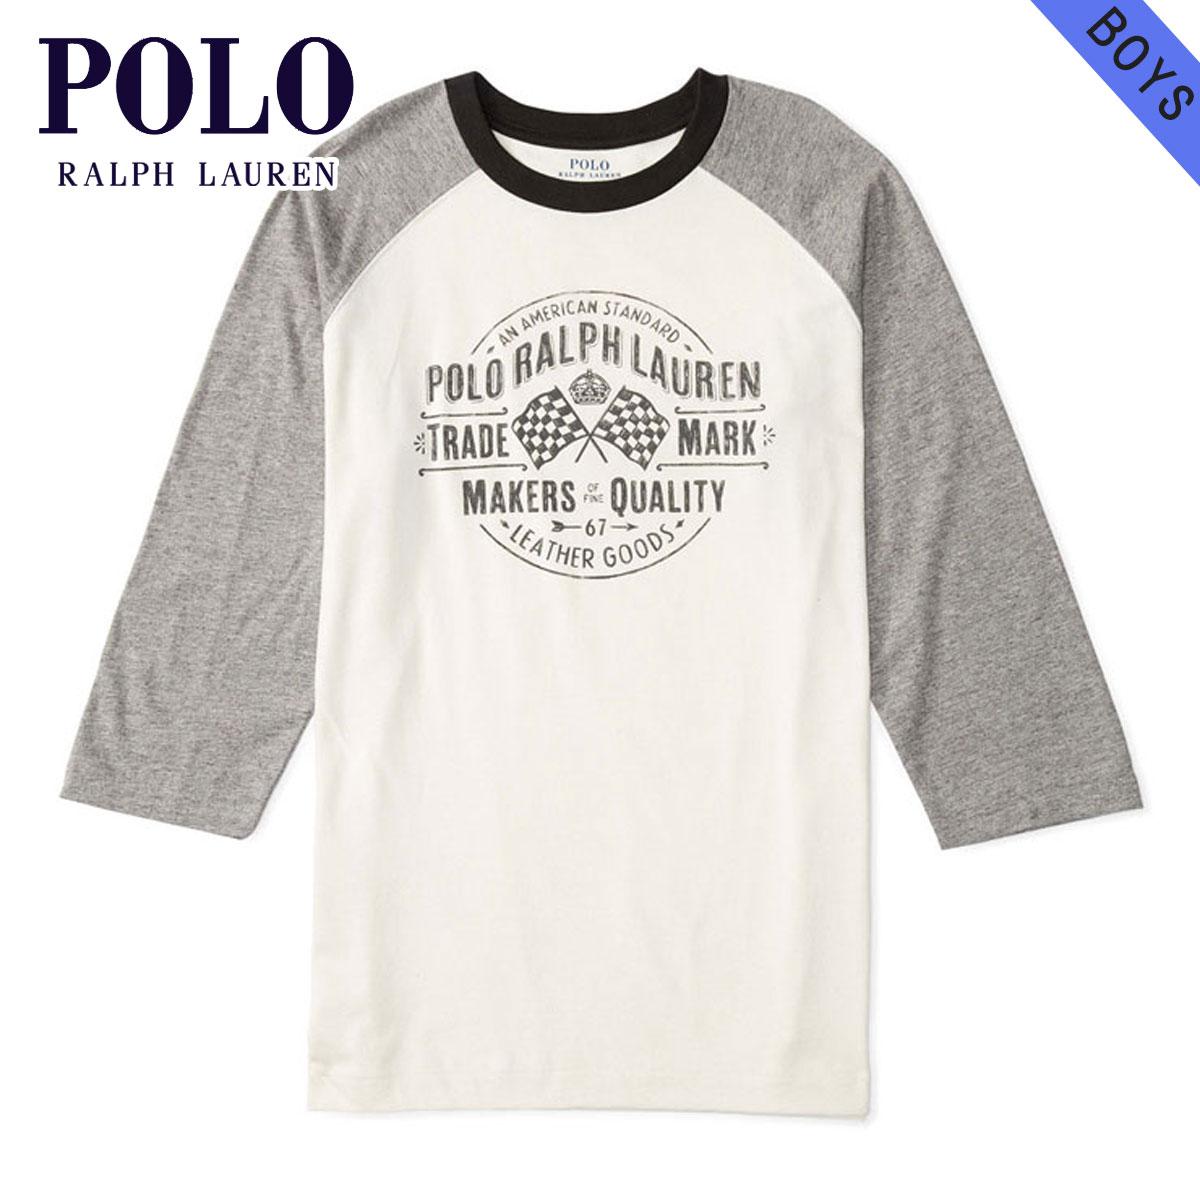 8a762f0c1425 20%OFF sale polo Ralph Lauren kids POLO RALPH LAUREN CHILDREN regular  article children s clothes Boys long sleeves T-shirt COTTON GRAPHIC  BASEBALL TEE ...